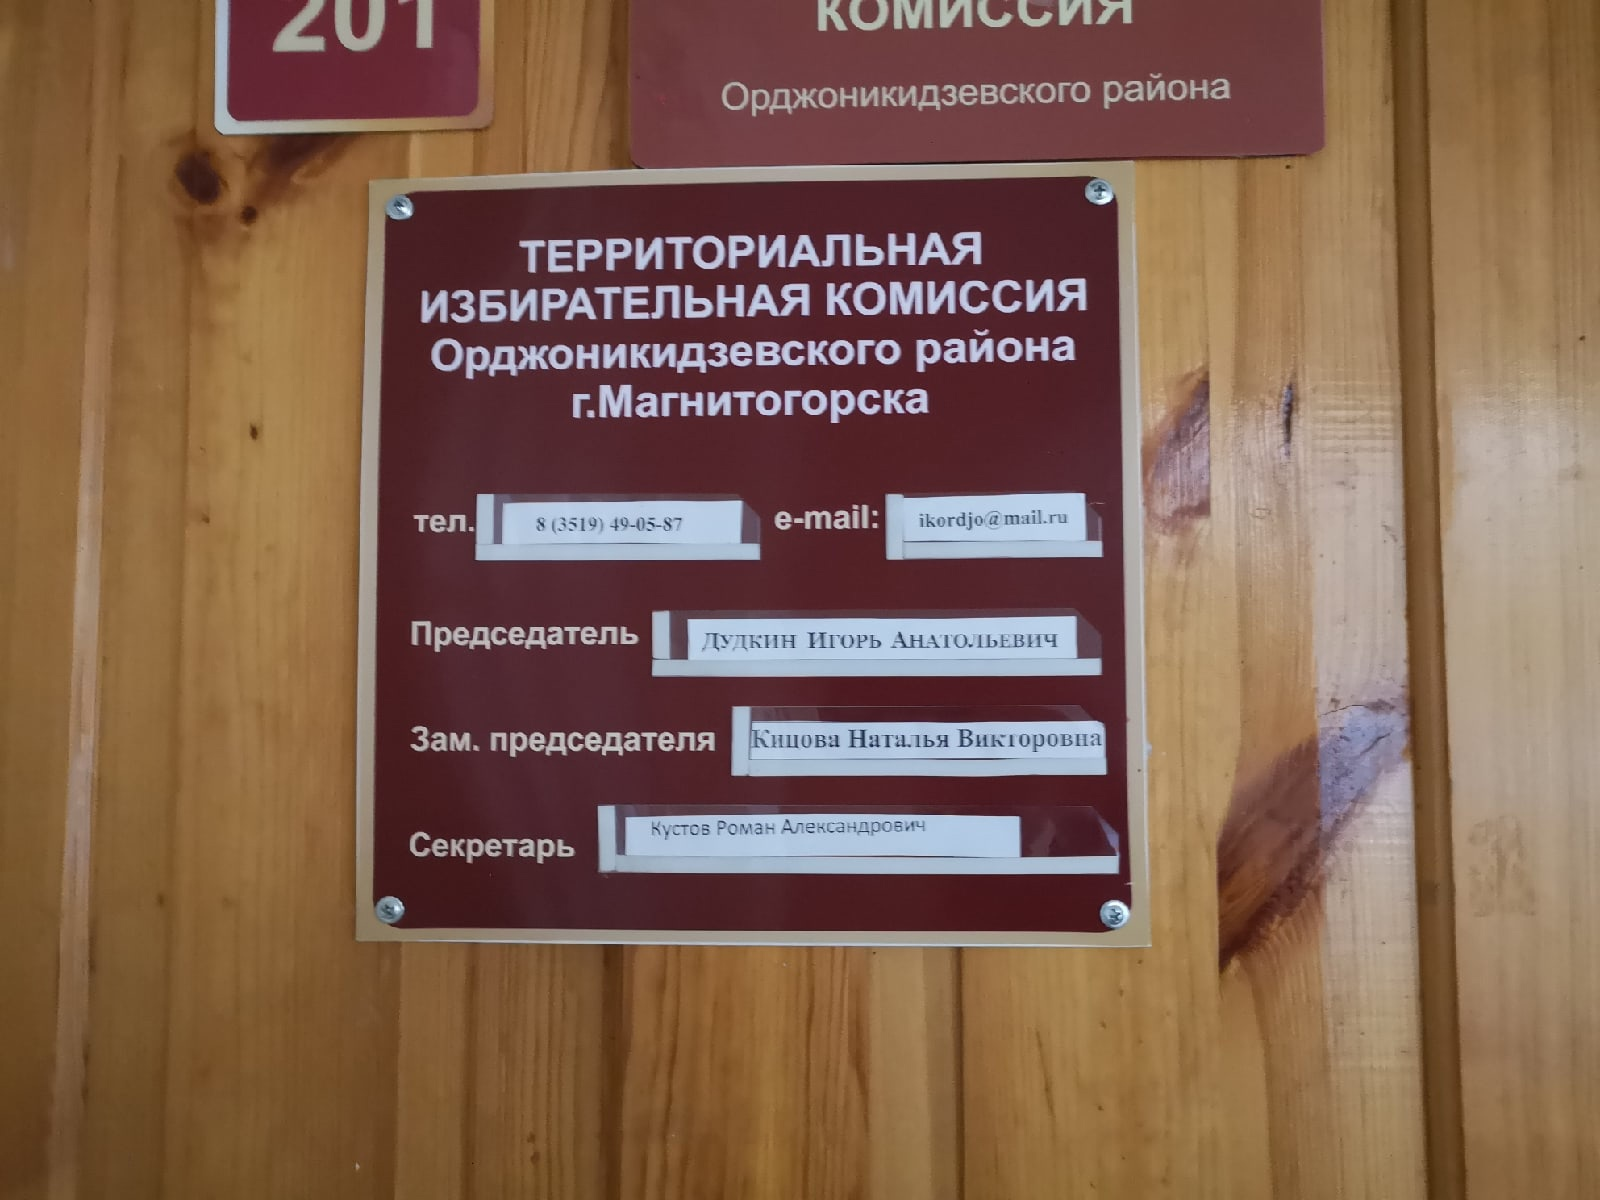 Применение Административного ресурса в Магнитогорске